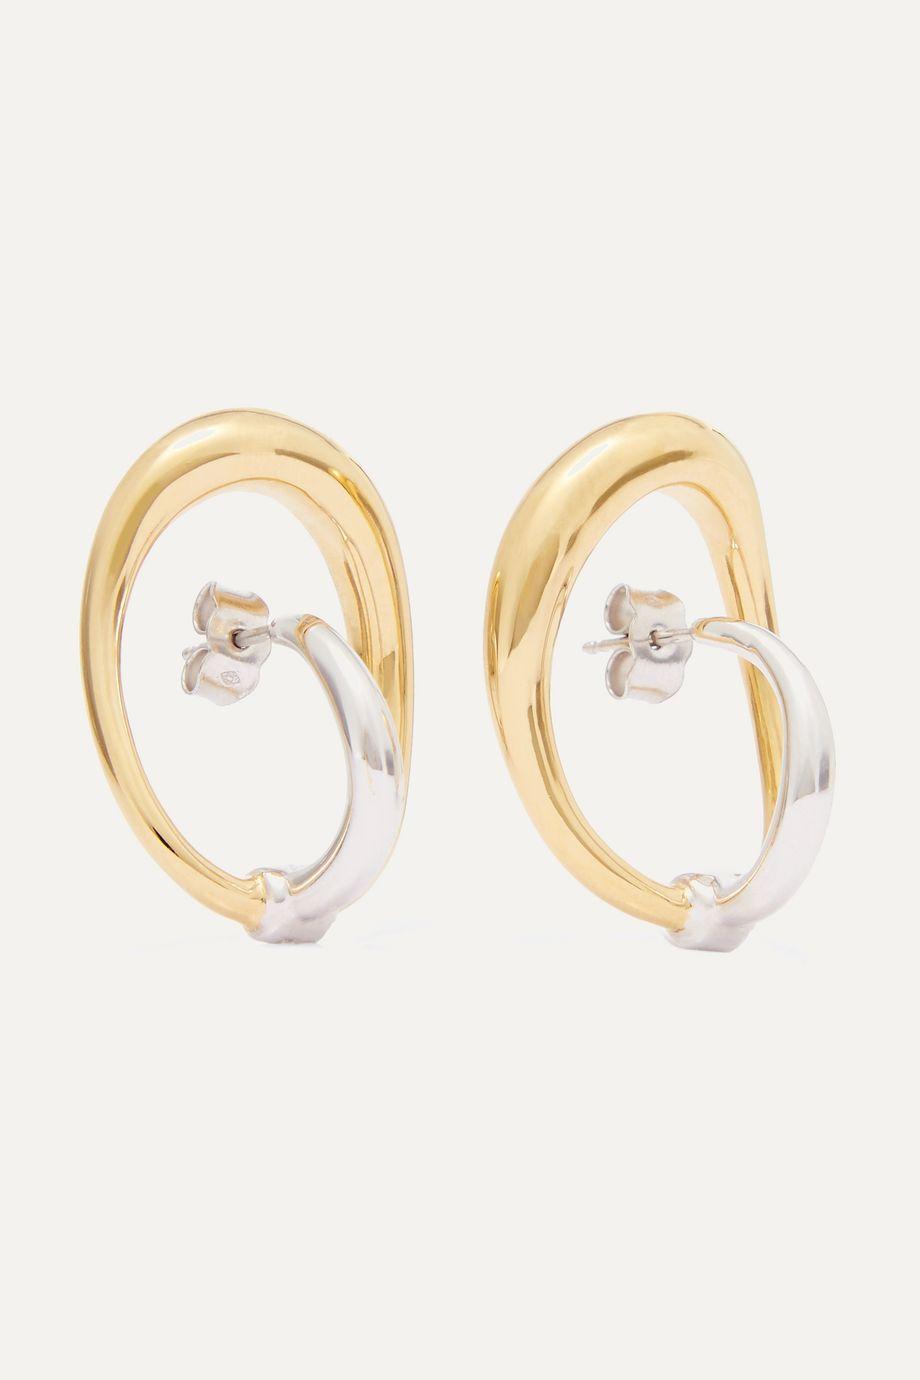 Charlotte Chesnais Turtle Ohrringe aus Gold-Vermeil und Silber